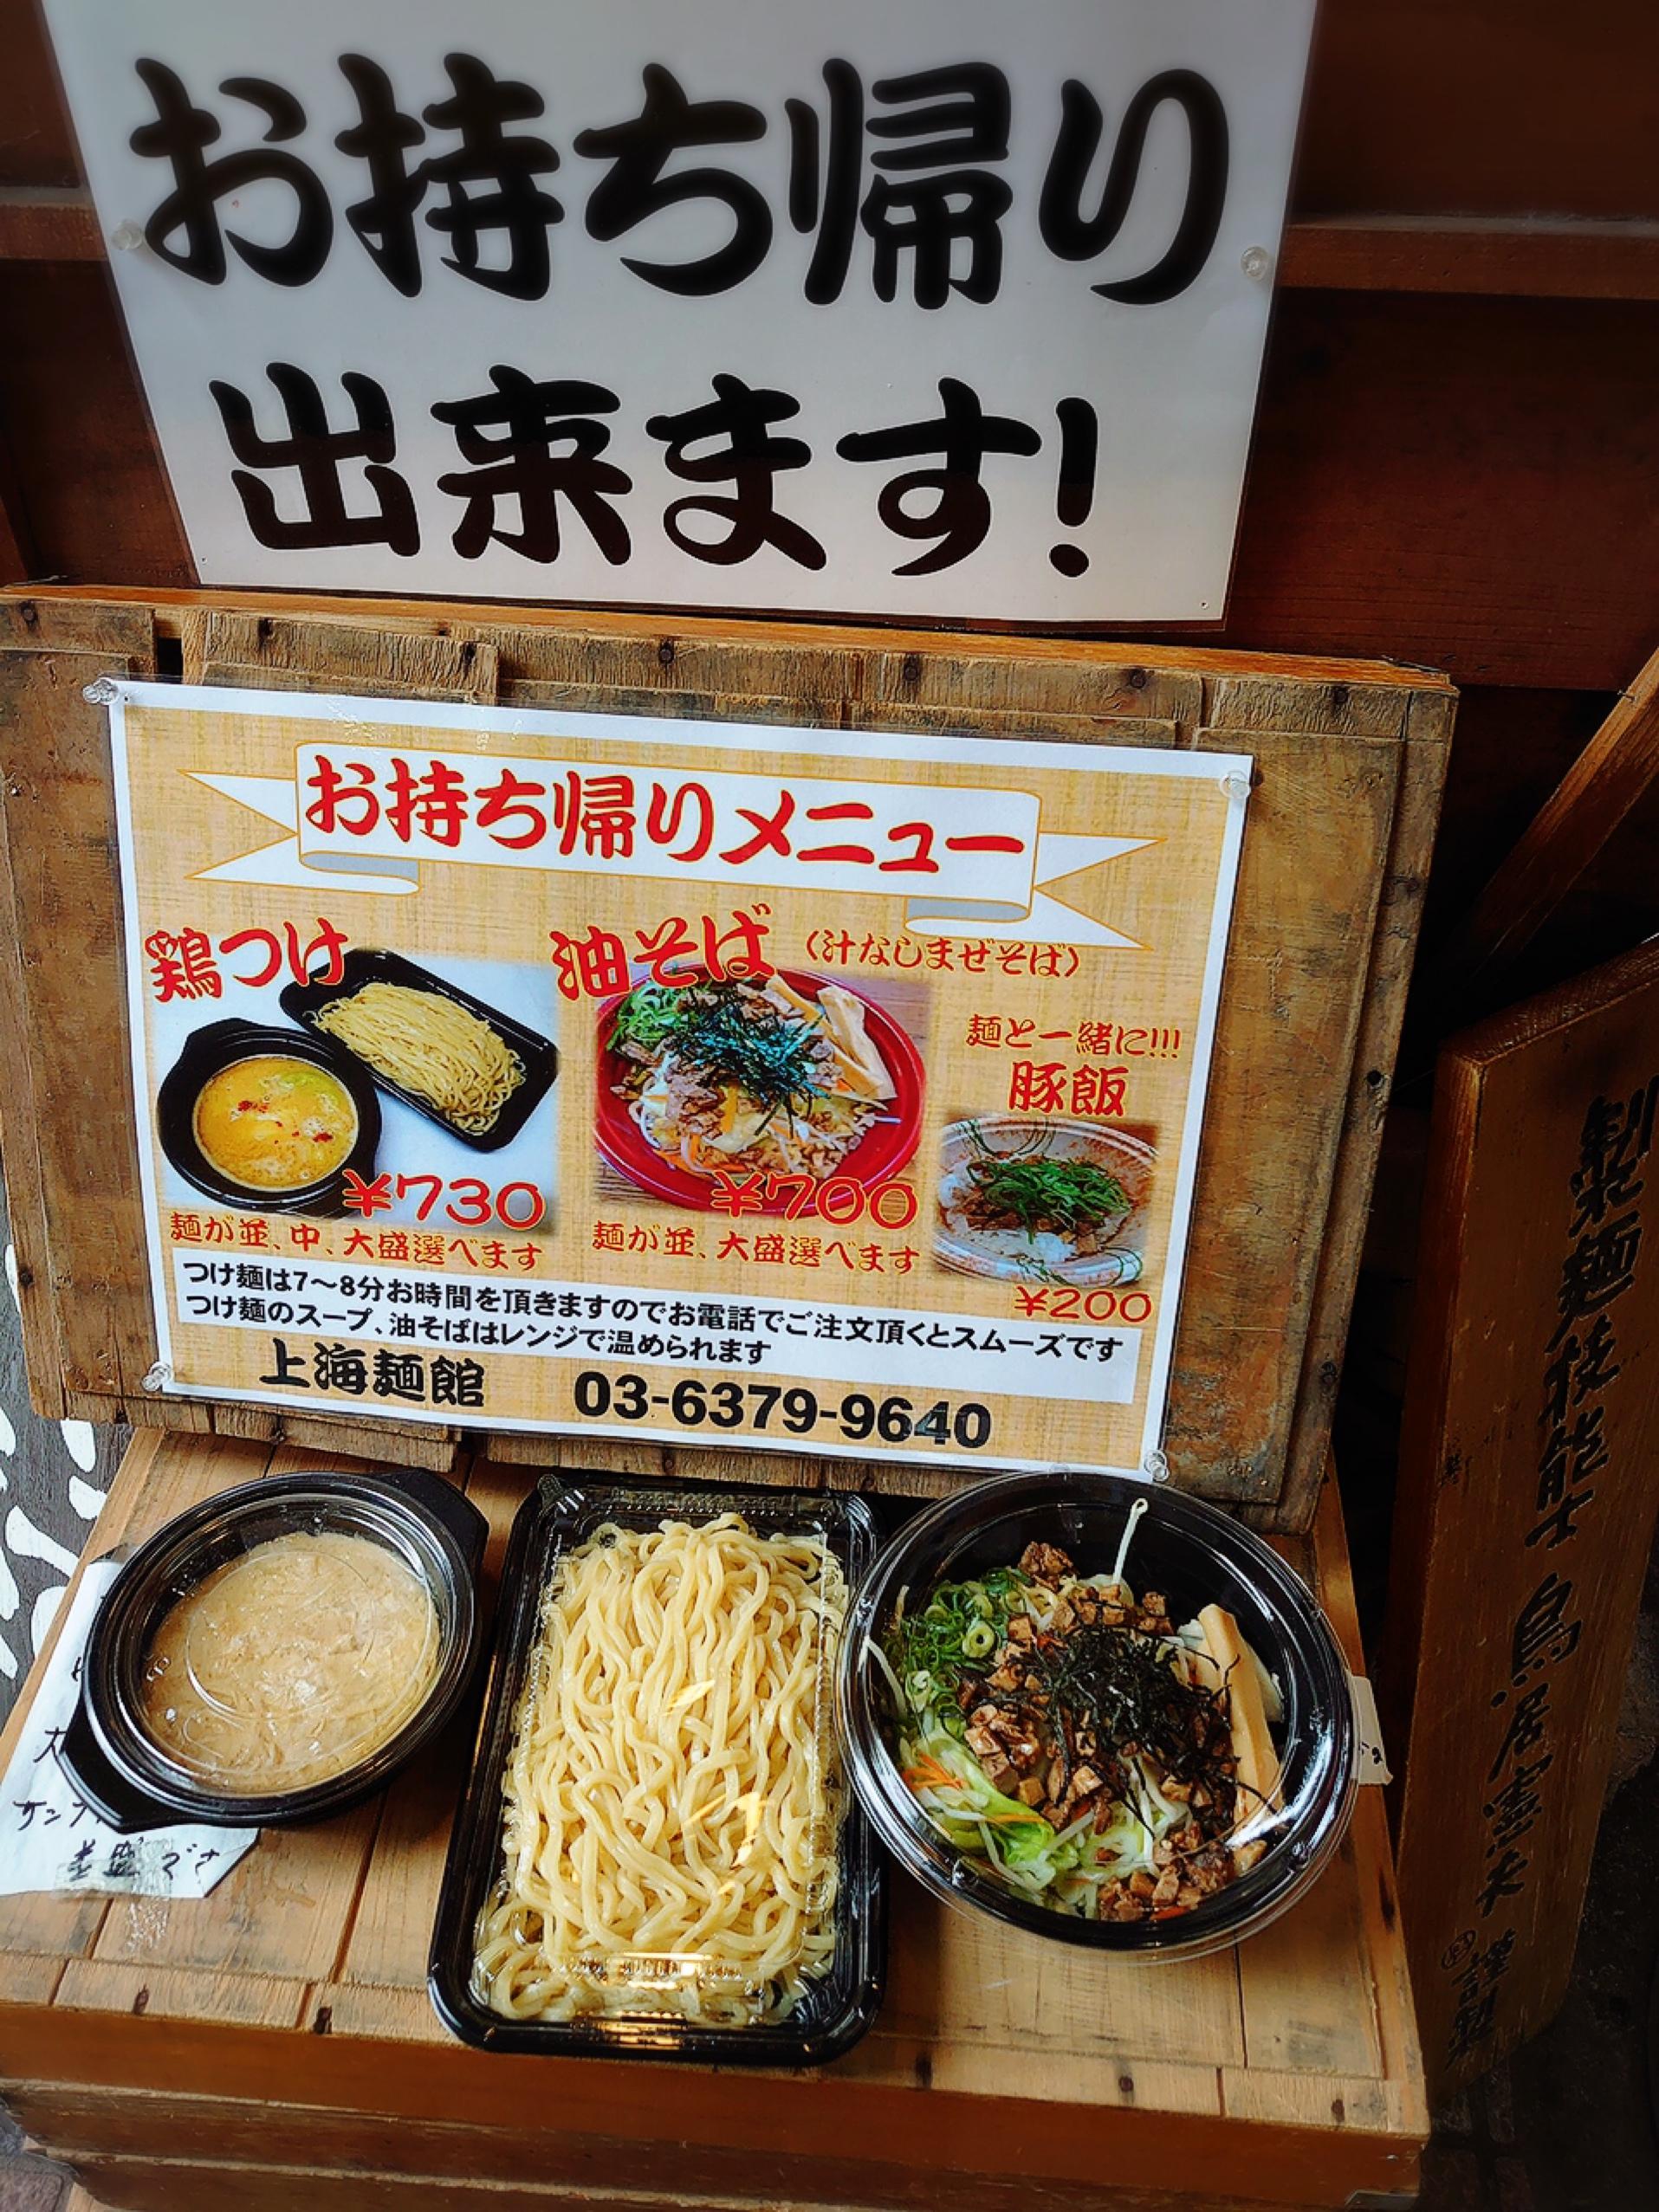 <メディア掲載>上海麺館が「まるっと中野」で紹介されました。